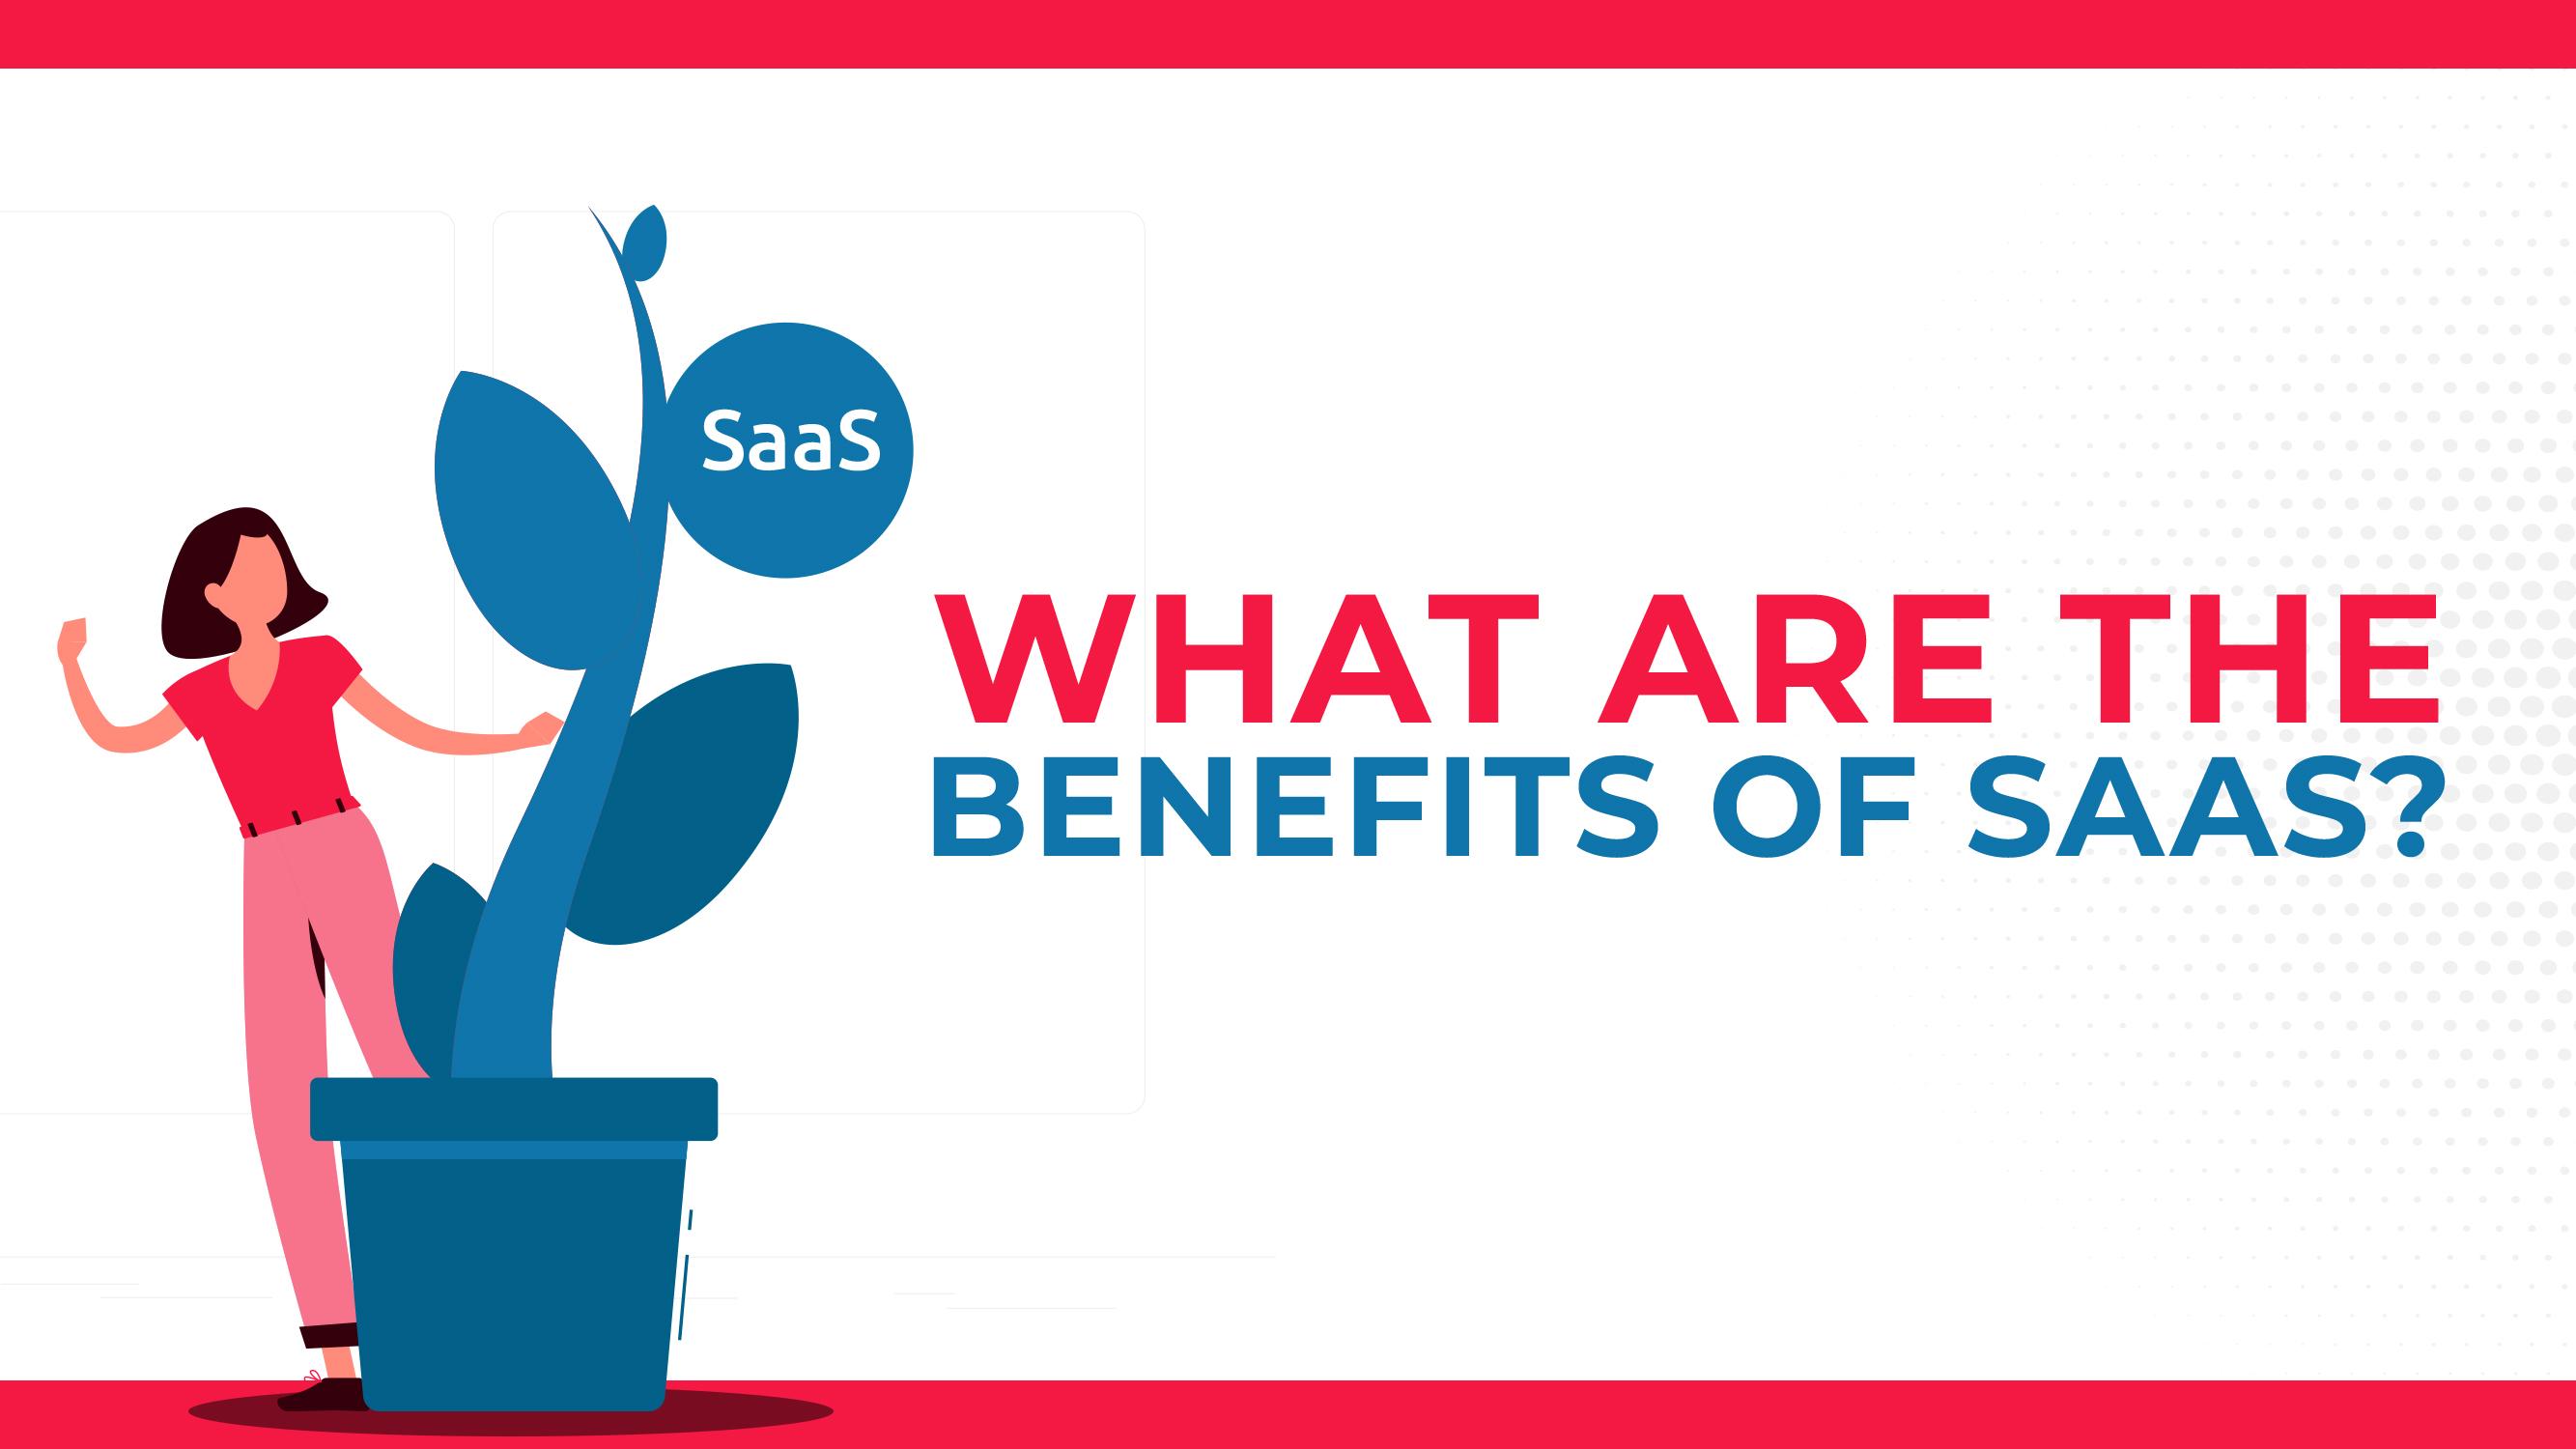 ¿Cuáles son los beneficios del SAAS?